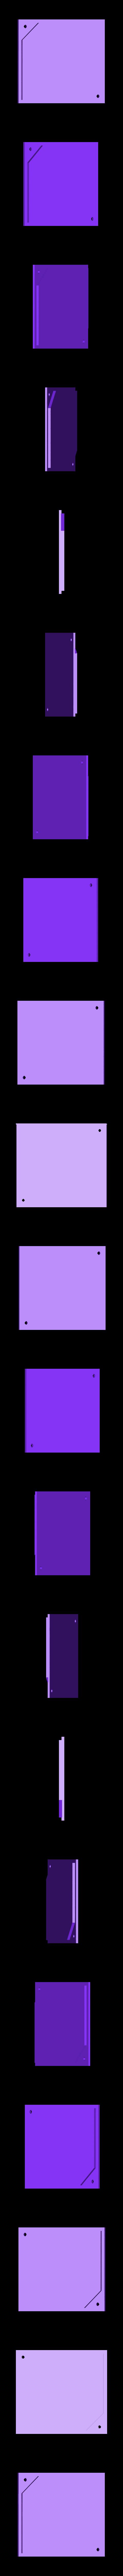 pi-case-window.stl Télécharger fichier STL gratuit CNC Wood Case for Raspberry Pi 3 • Design imprimable en 3D, Adafruit